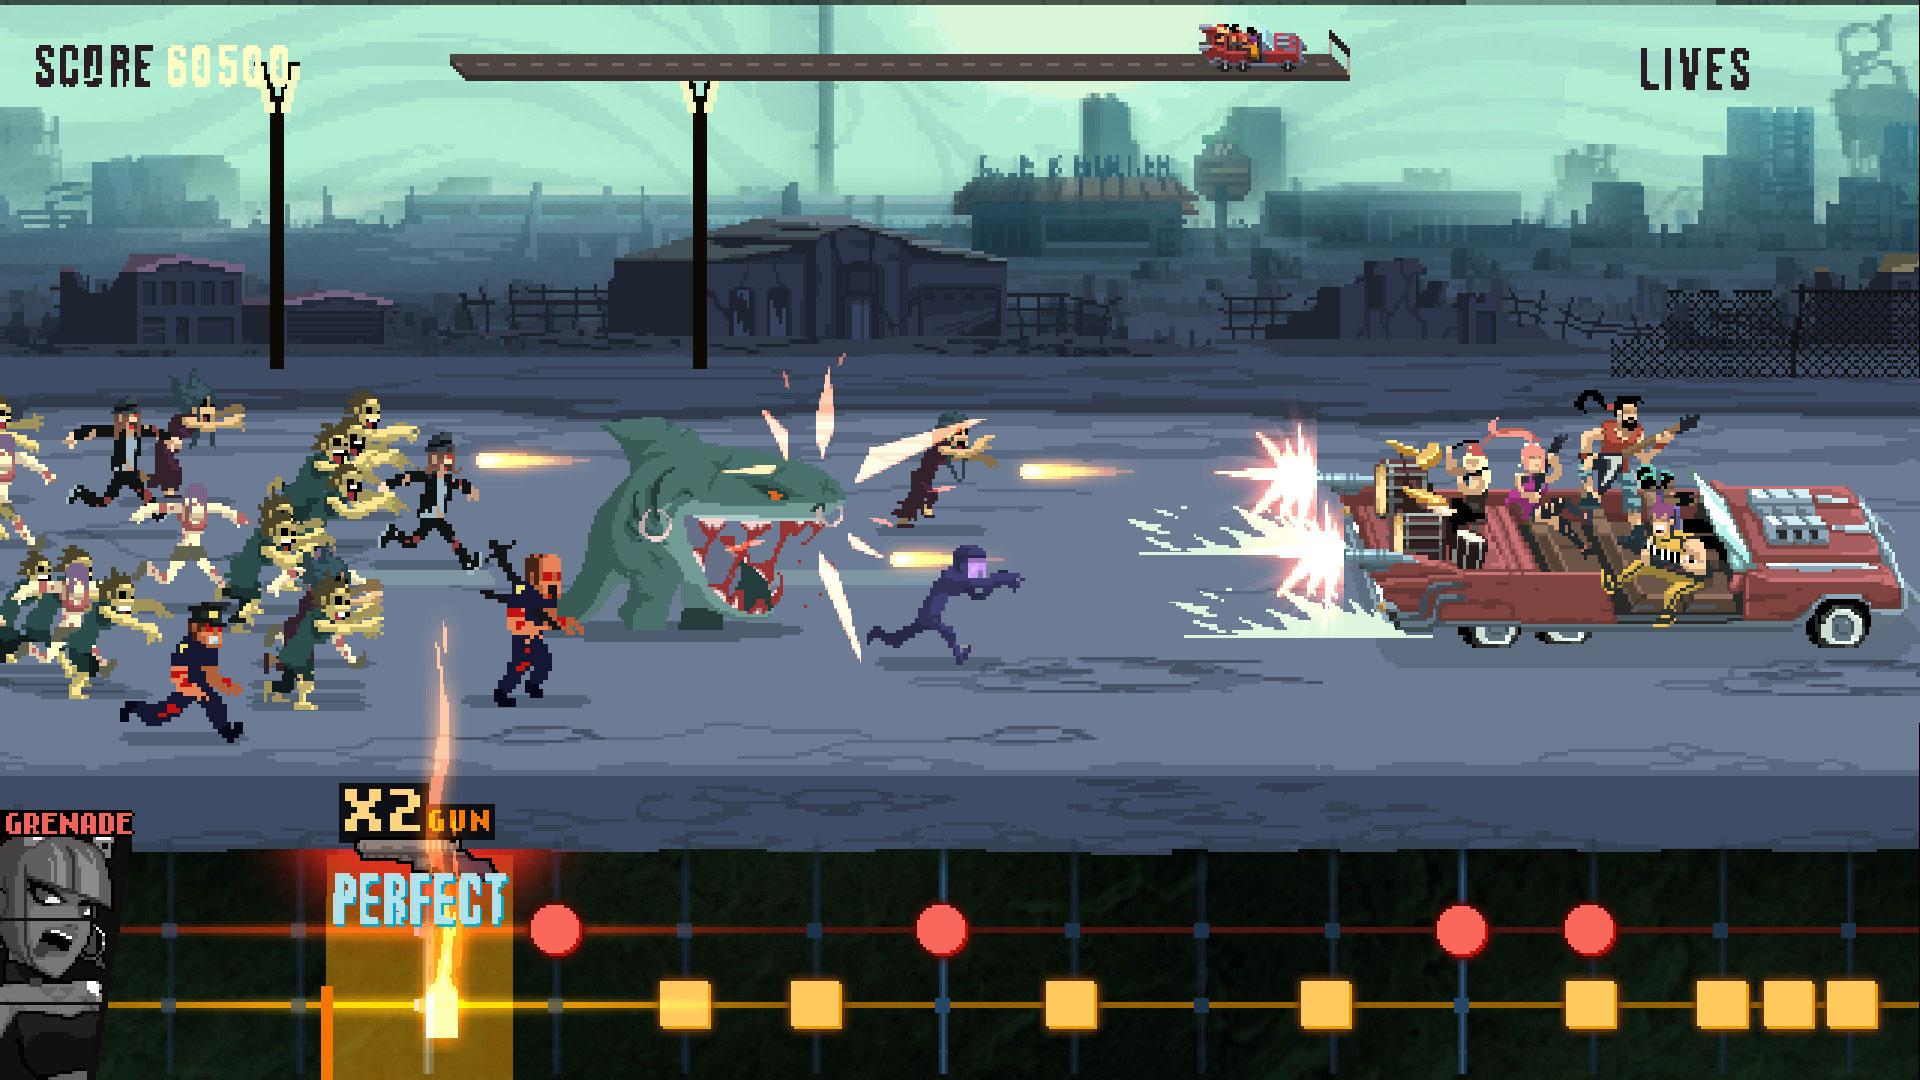 """Hartes E-Gitarren-Geschrubbe und gnadenlose Pixel-Action: """"Double Kick Heroes""""."""